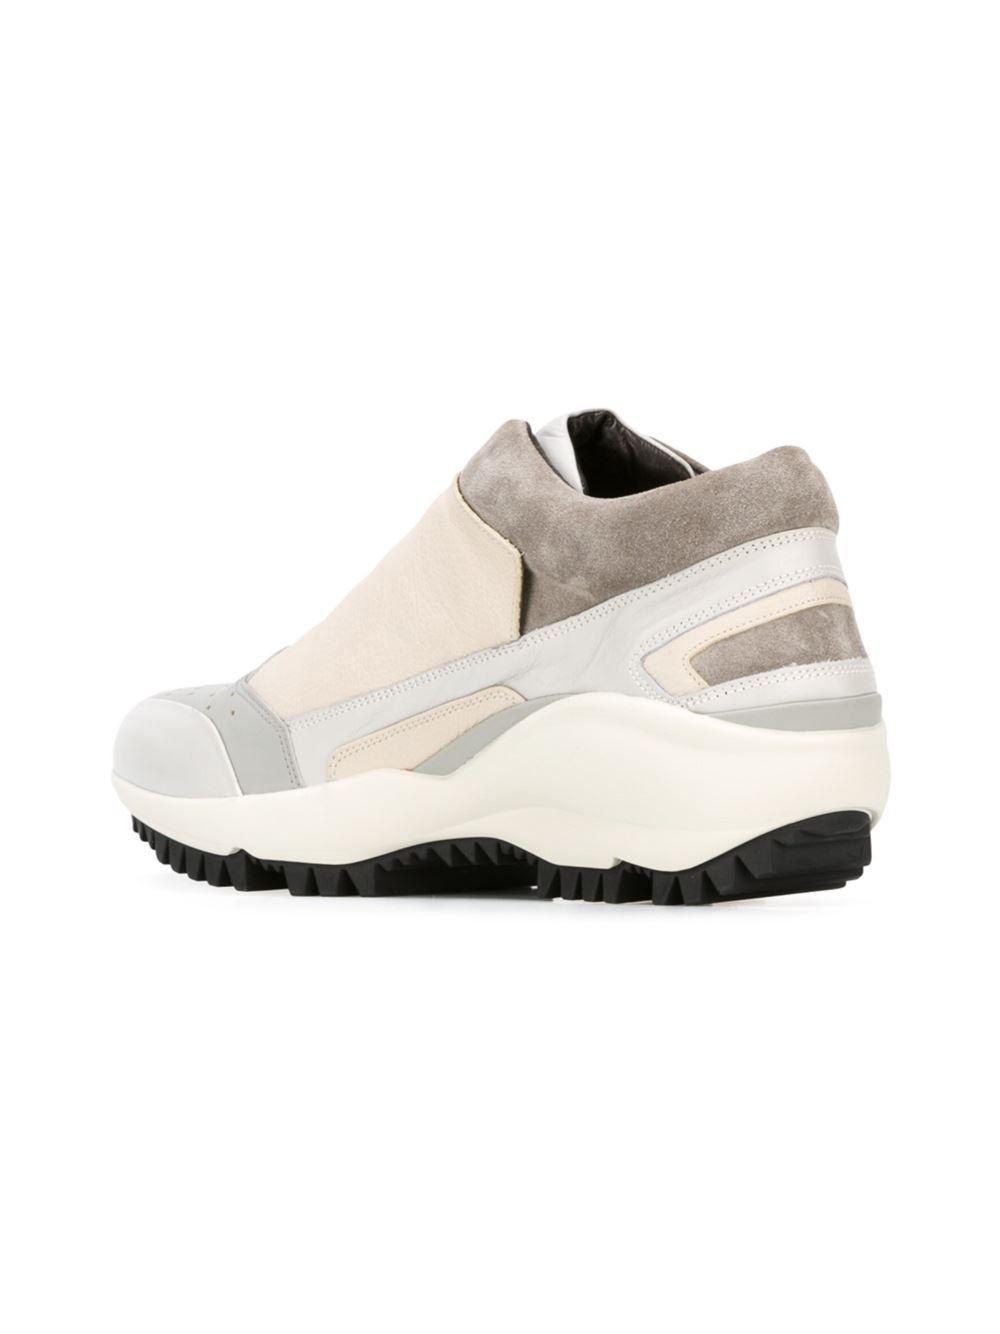 Lanvin side zip sneakers